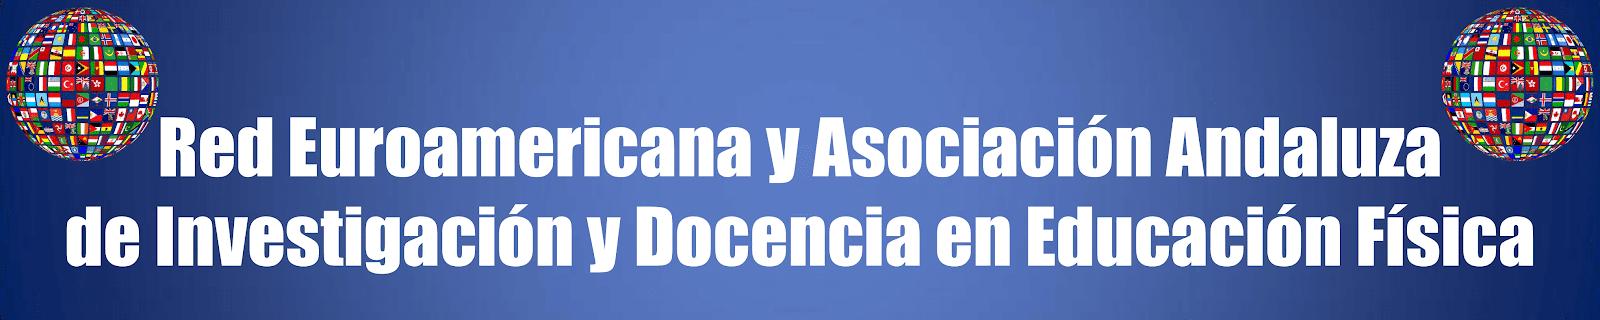 Red Euroamericana y Asociación Andaluza de Investigación y Docencia en Educación Física